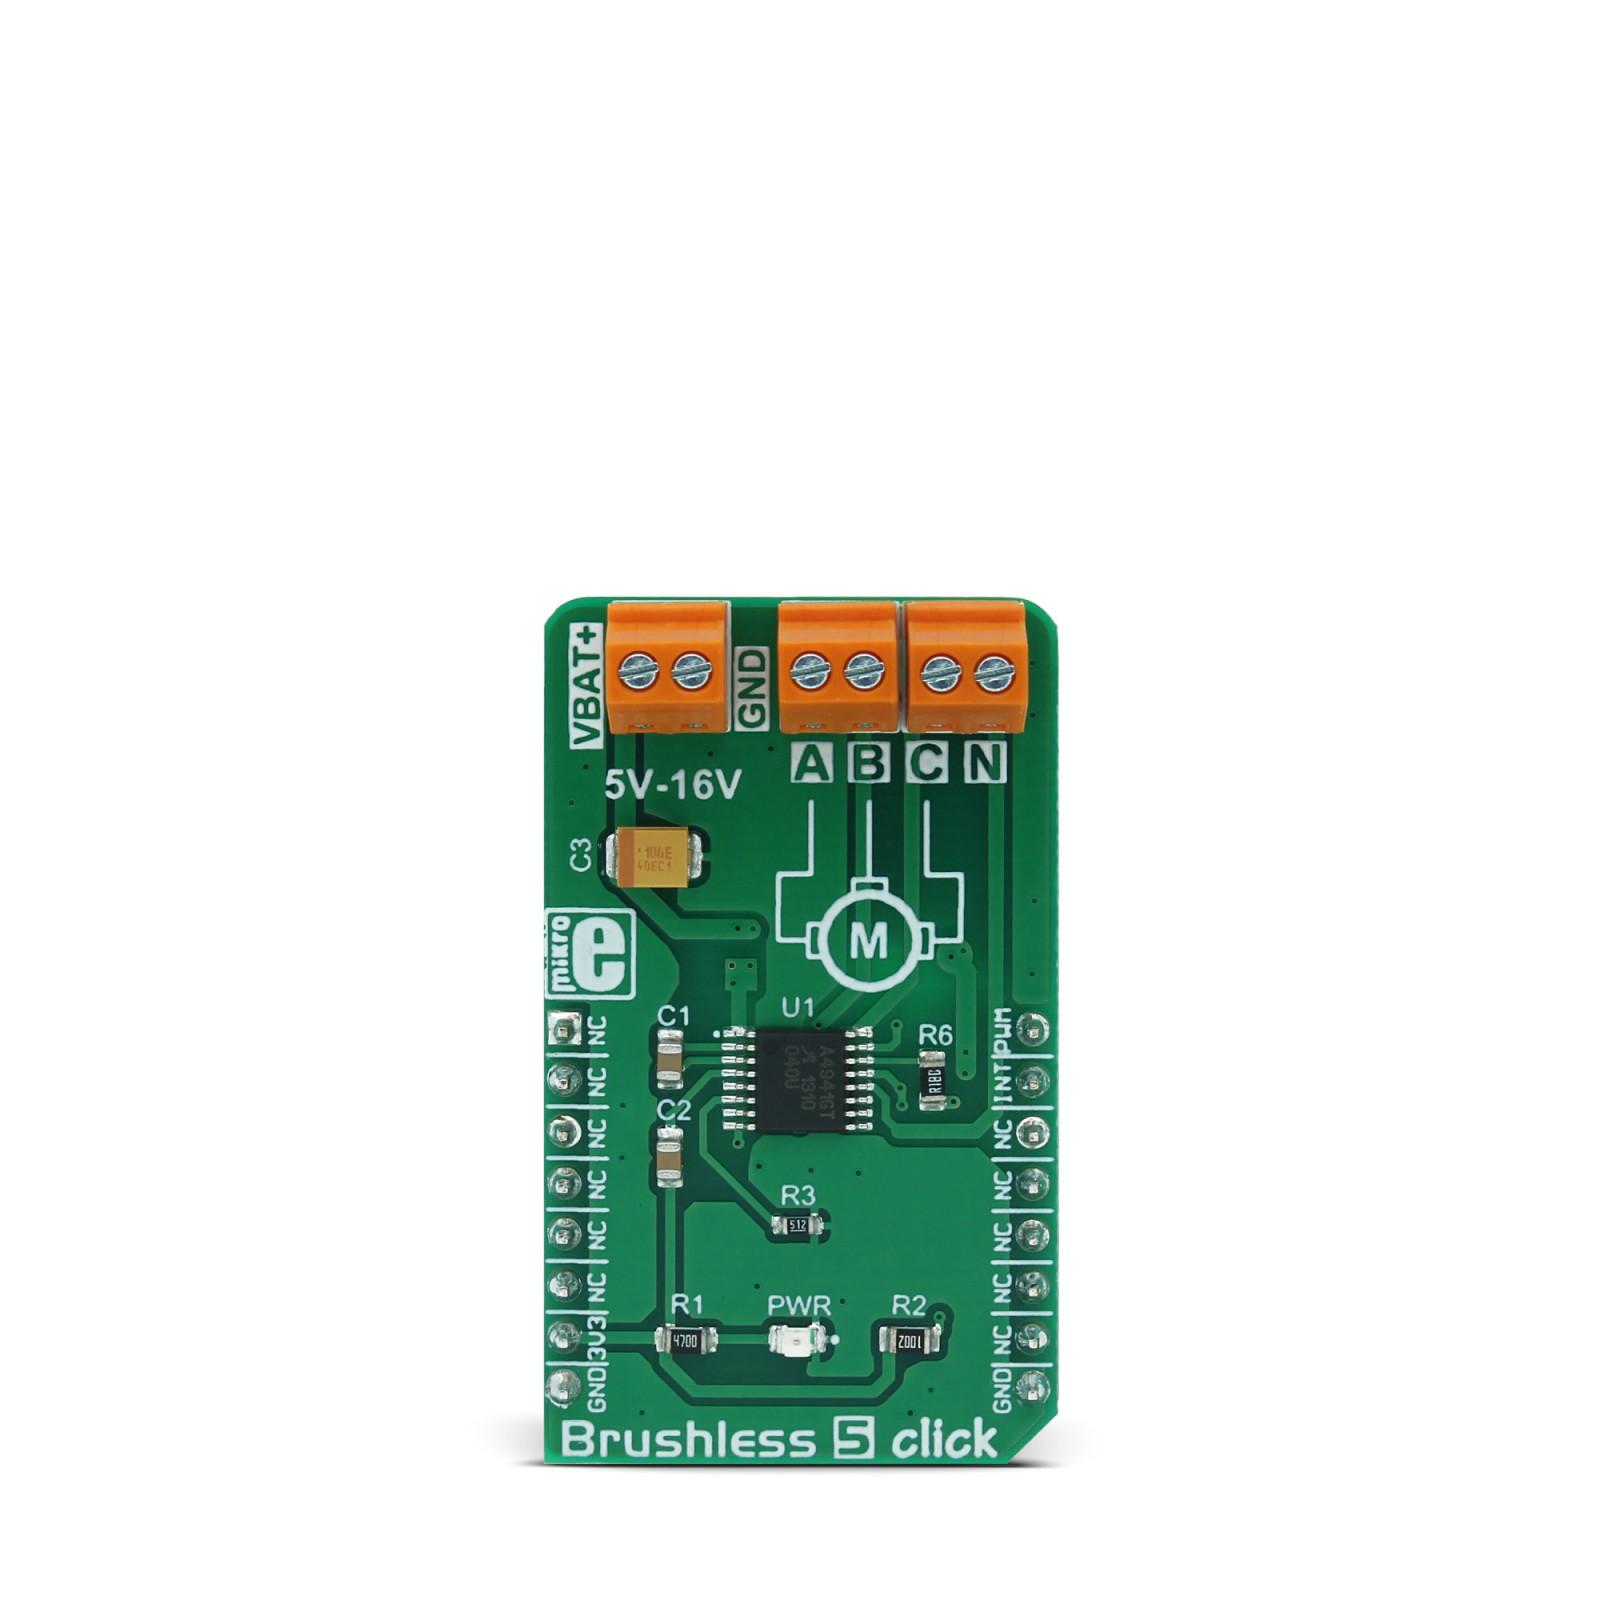 Brushless 5 click | MikroElektronika